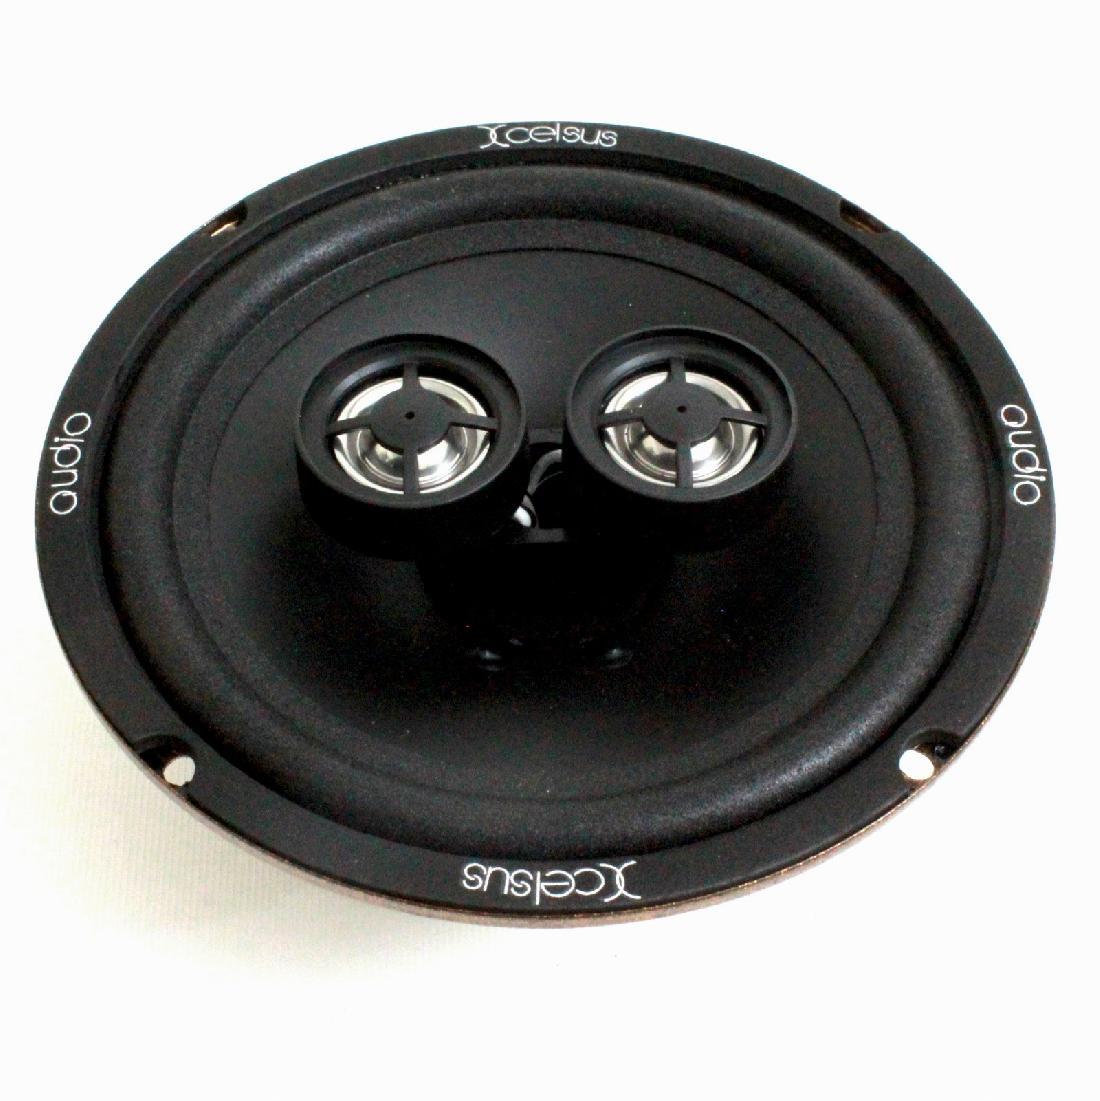 Xcelsus audio XP620